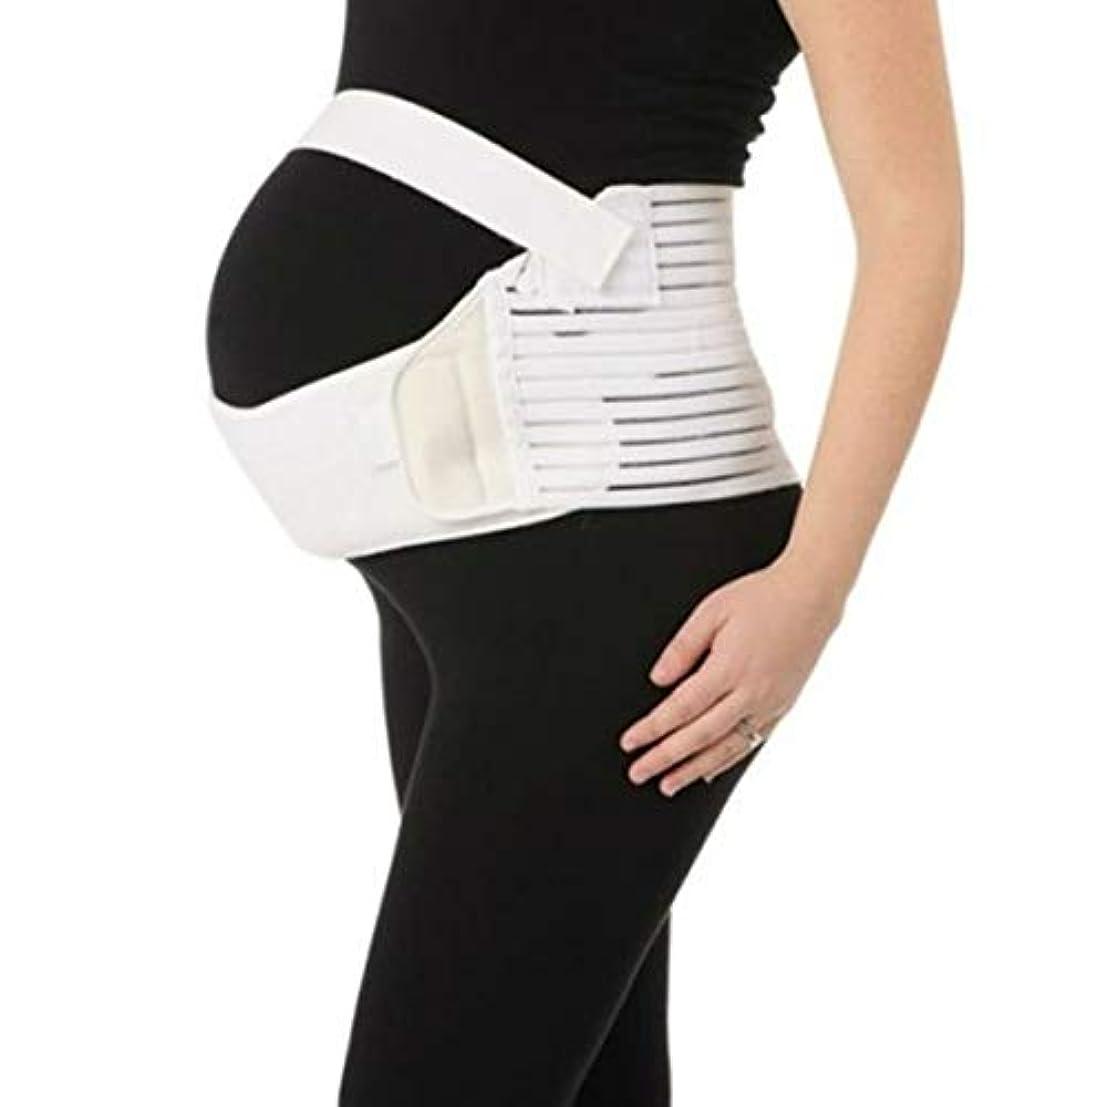 流出不適優先権通気性産科ベルト妊娠腹部サポート腹部バインダーガードル運動包帯産後の回復形状ウェア - ホワイトM